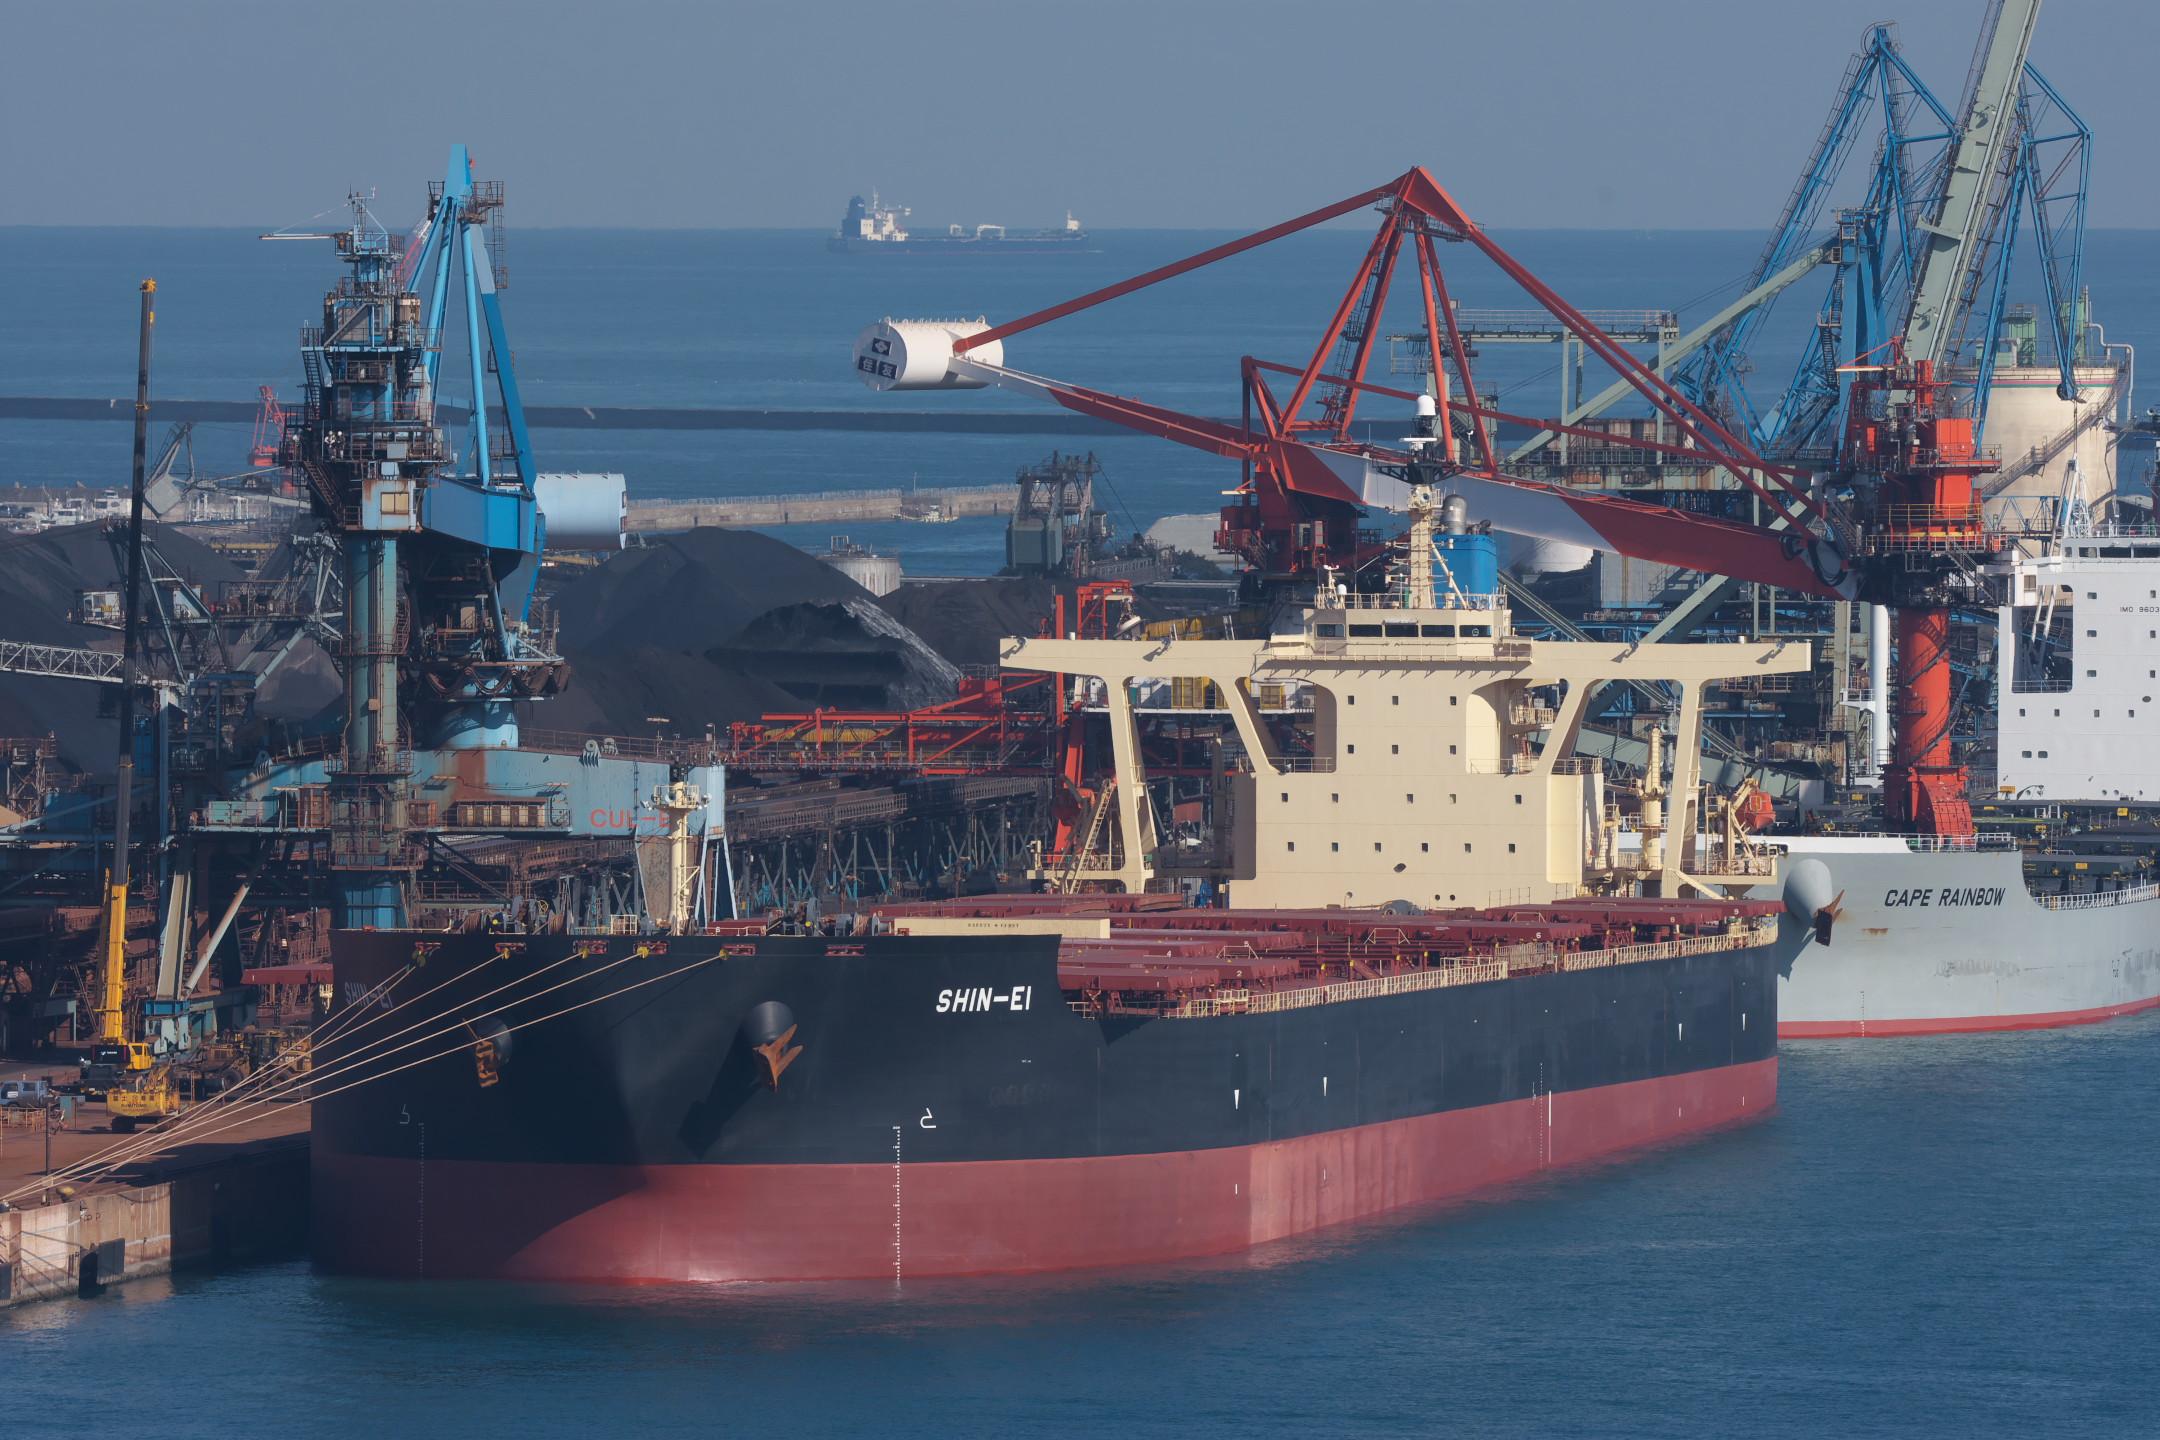 沖合で入港を待つタンカー